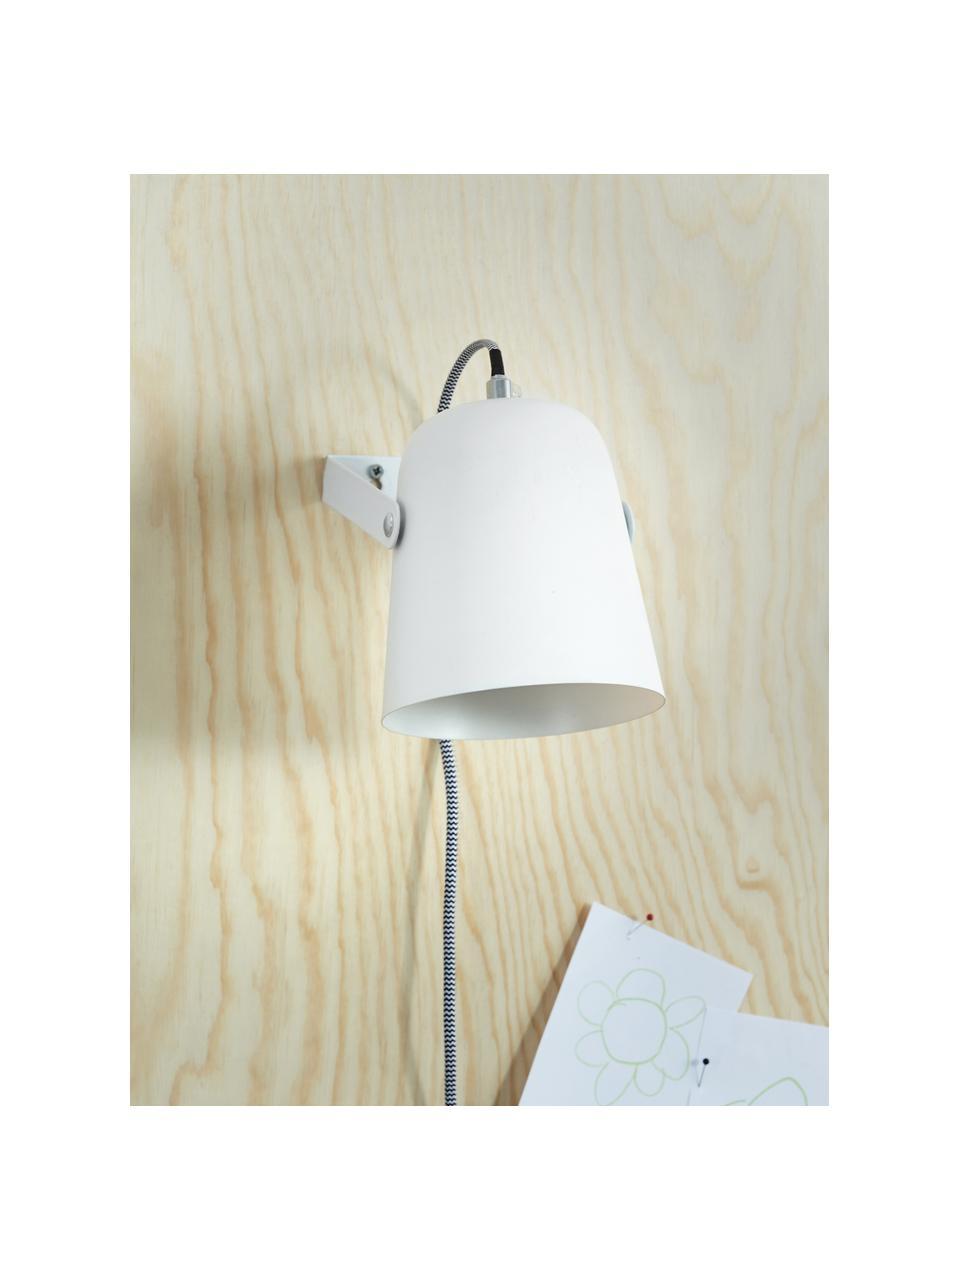 Wandleuchte Iluminar mit Stecker in Weiß, Lampenschirm: Metall, lackiert, Weiß, 14 x 18 cm